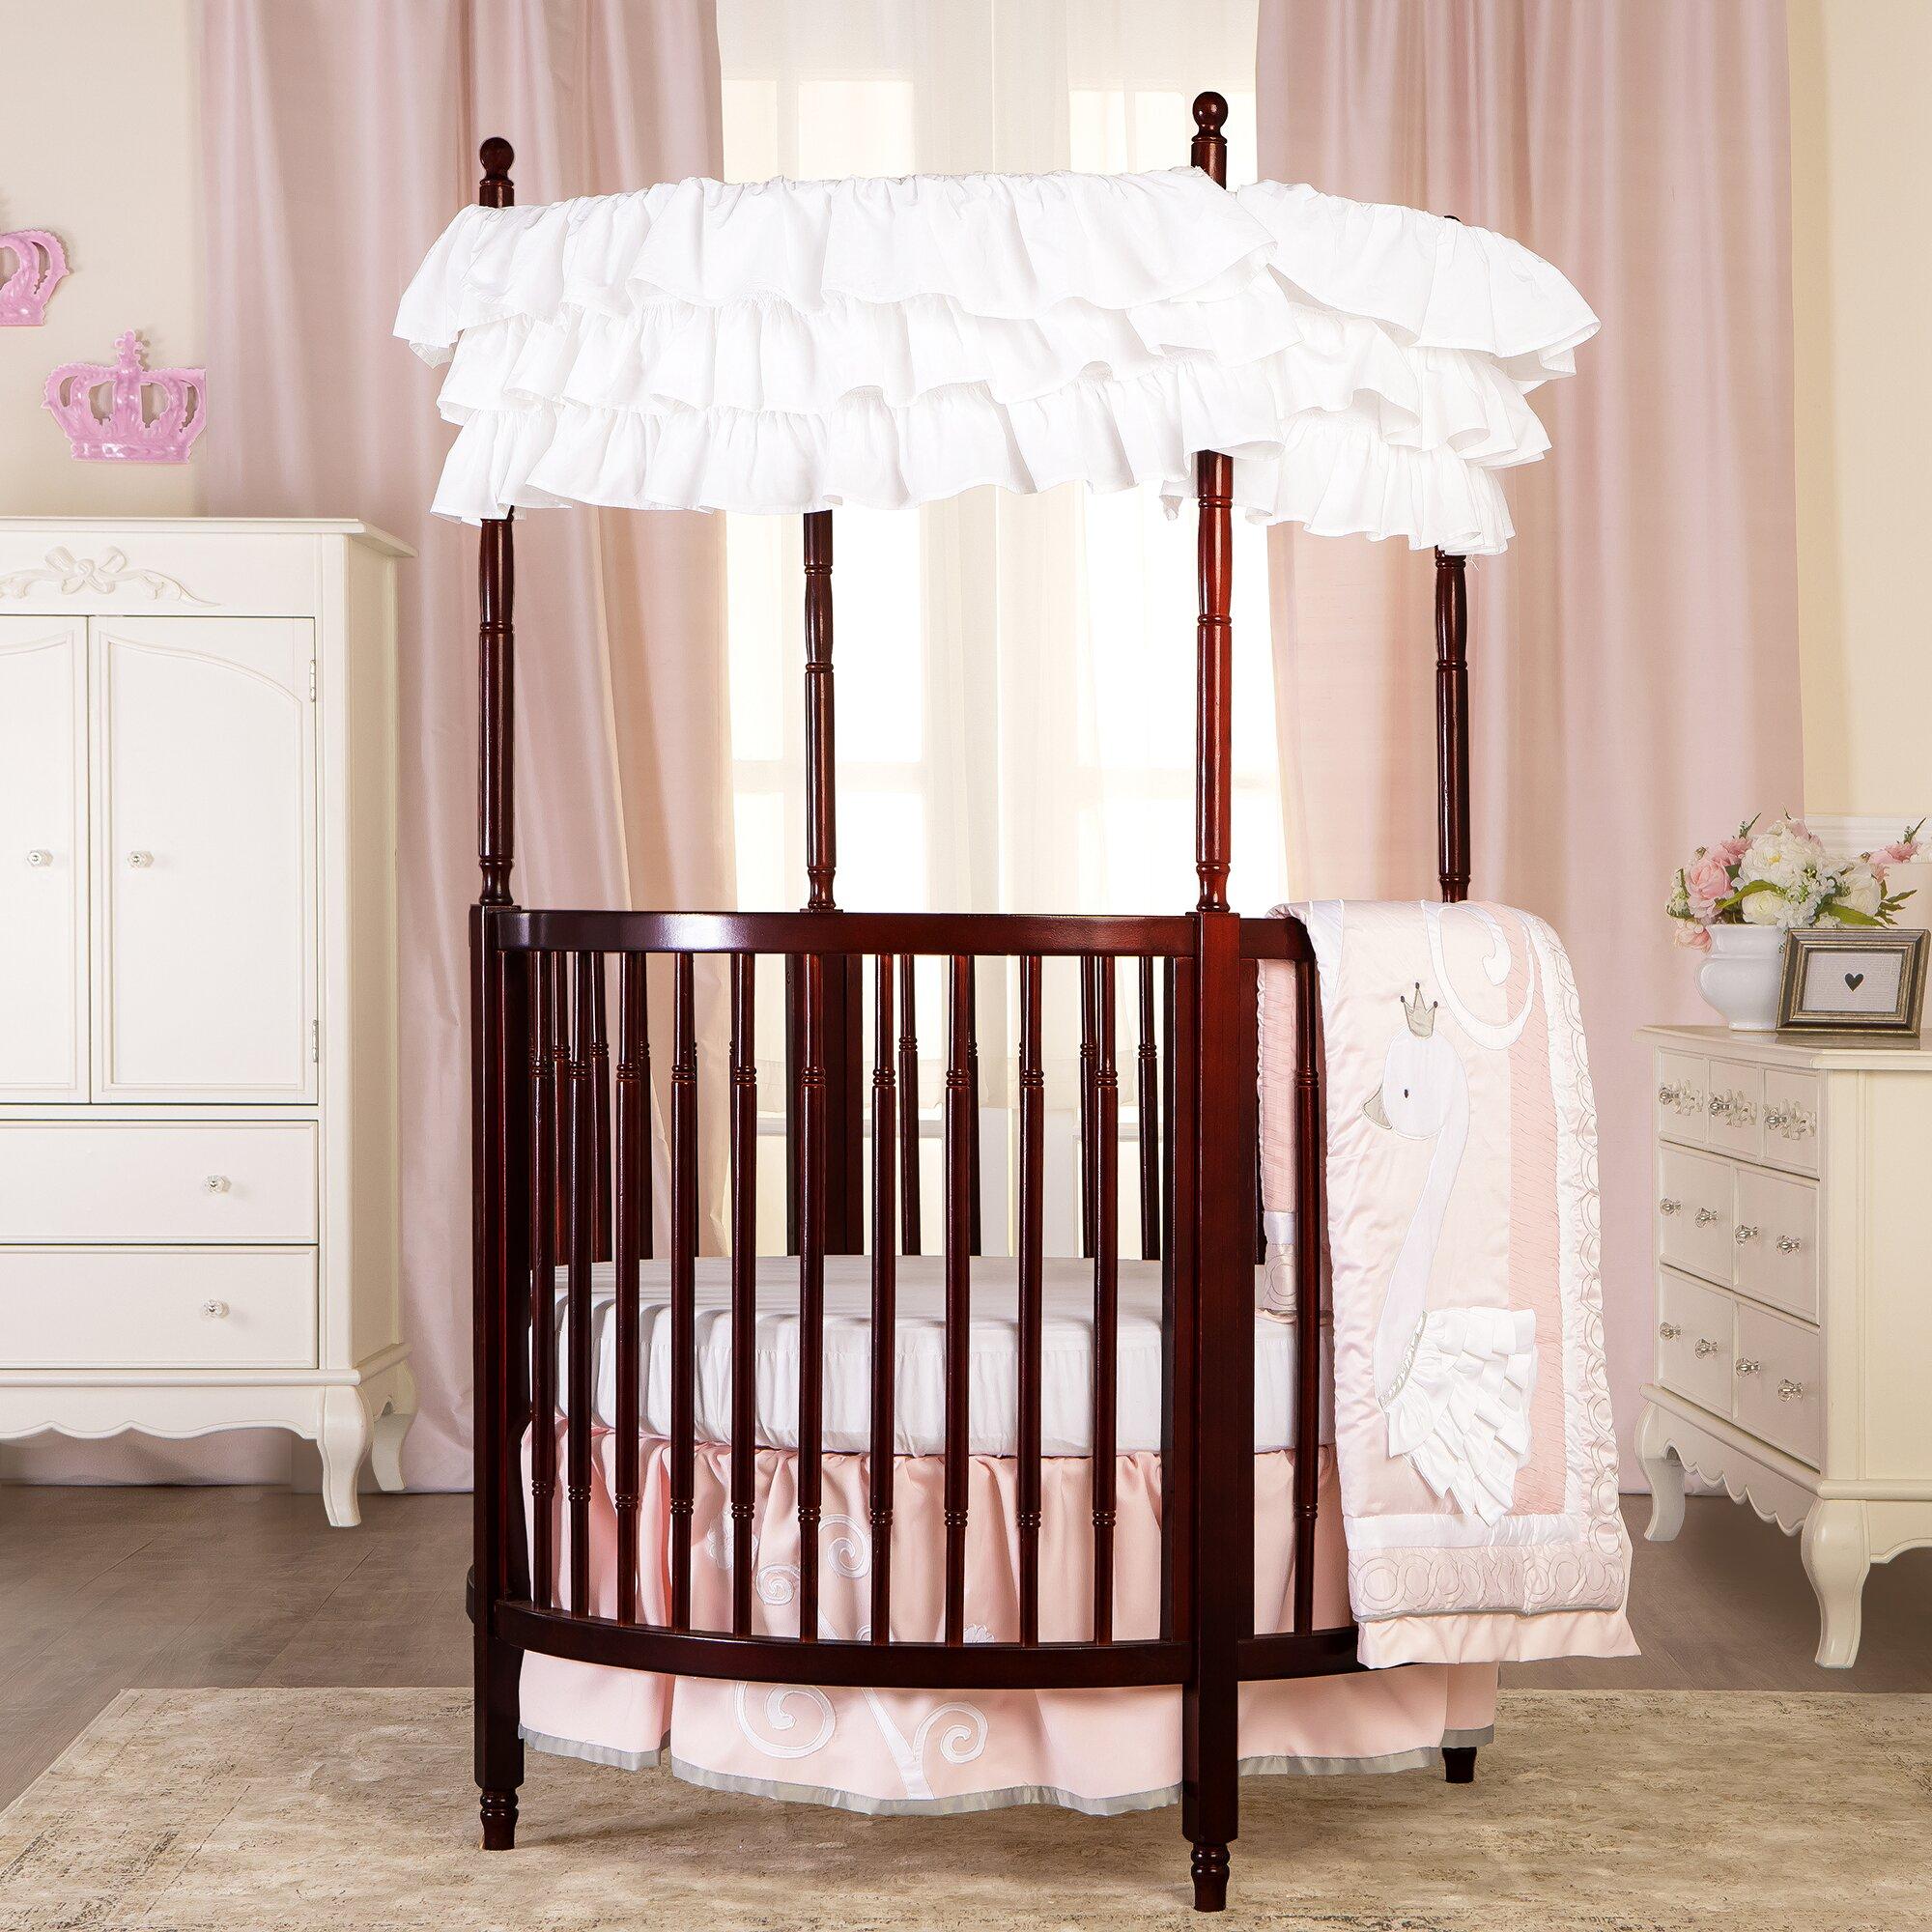 Pier One Baby Furniture: Dream On Me Sophia Posh Circular Crib & Reviews